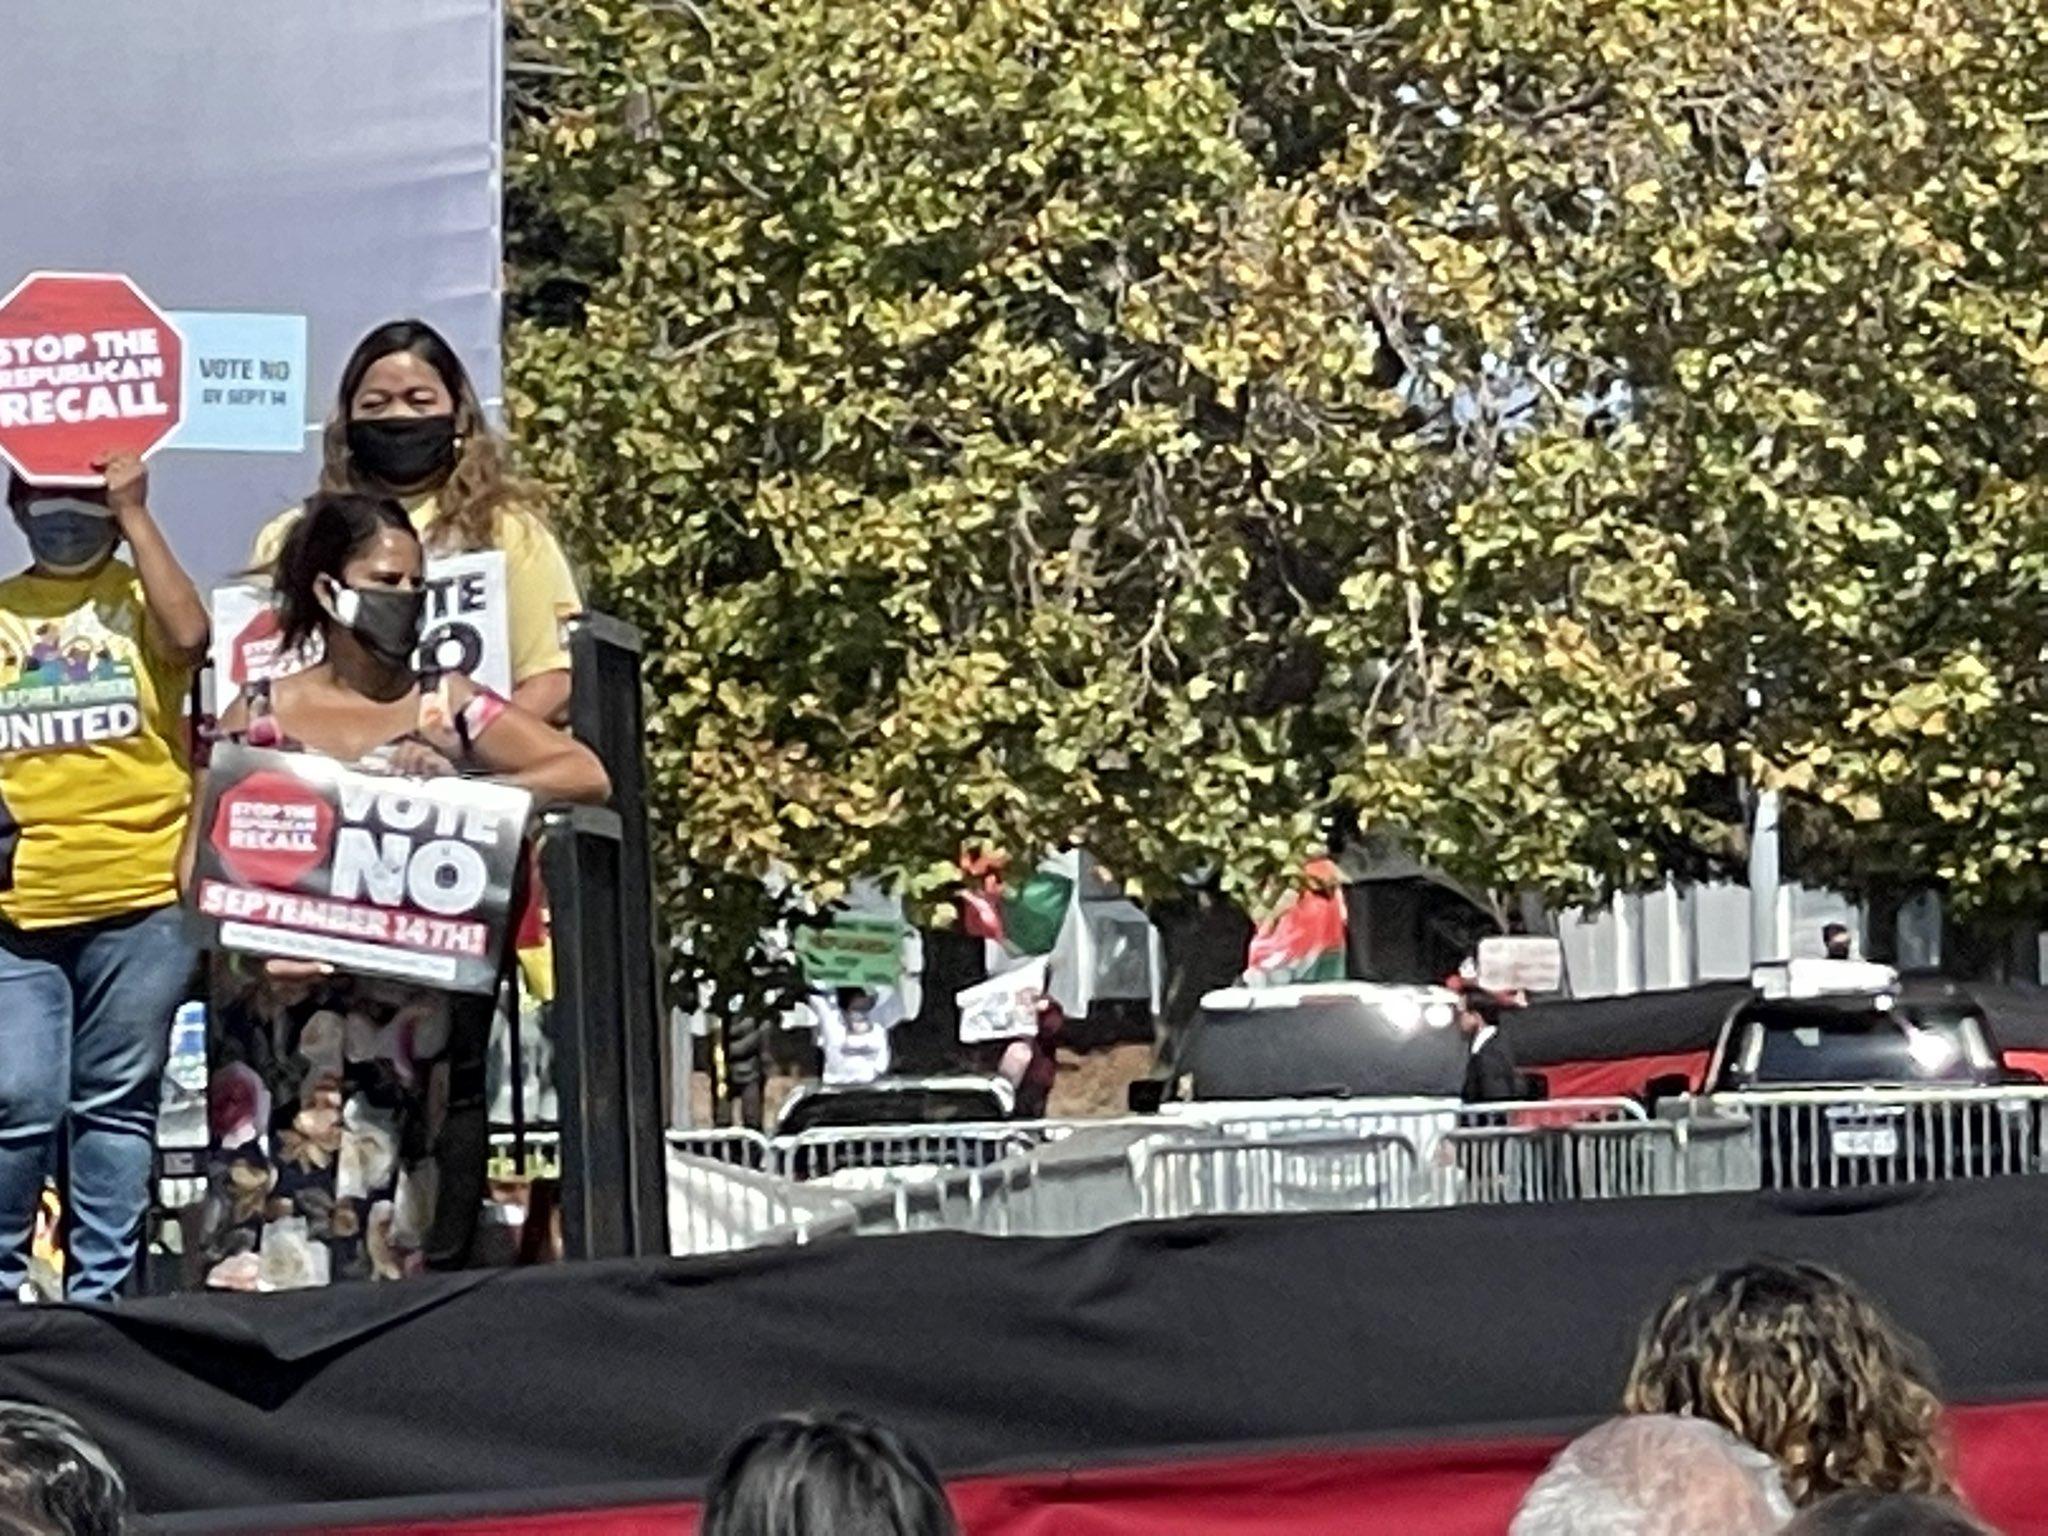 哈里斯现身拉票集会 民众举阿富汗旗帜抗议